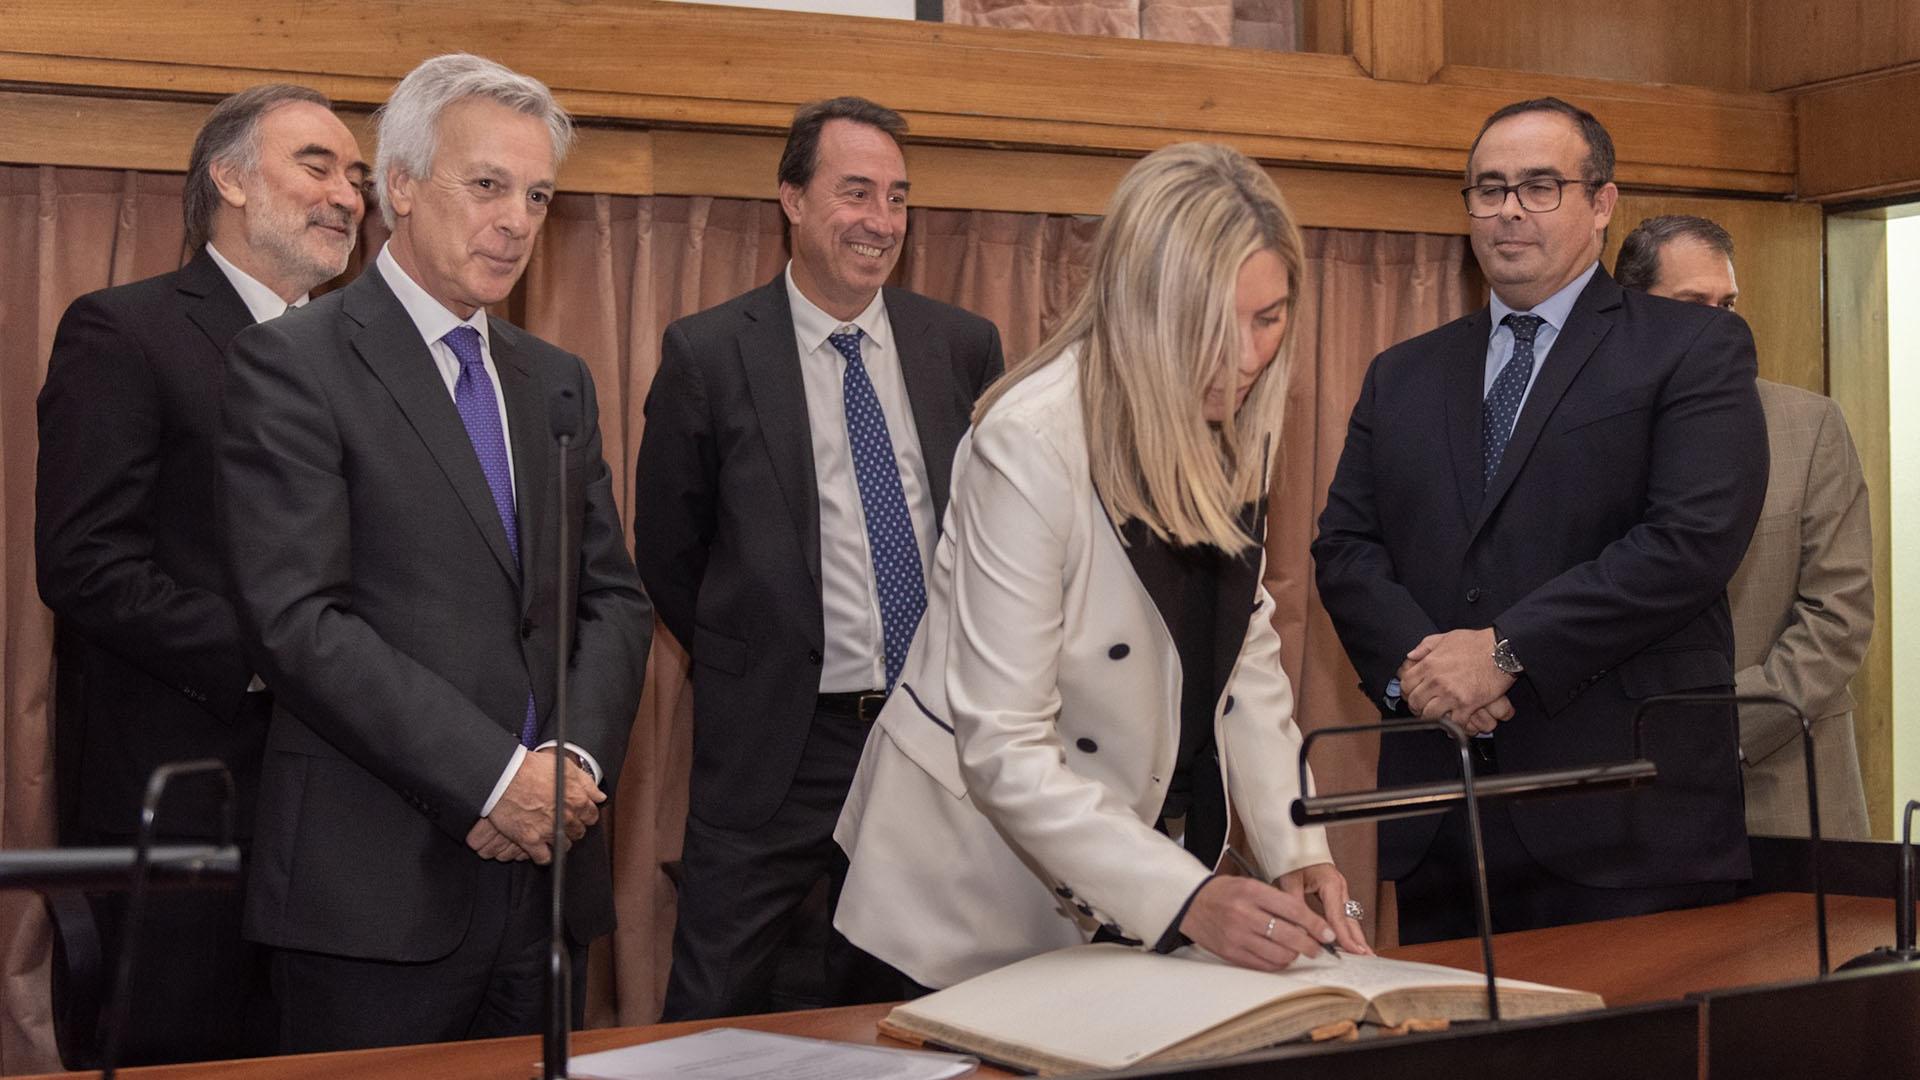 El presidente de la Cámara Federal, Martín Irurzun, le tomó juramento. En la foto, de corbata violeta. Detrás de él, sus colegas Leopoldo Bruglia, Mariano Llorens y Pablo Bertuzzi